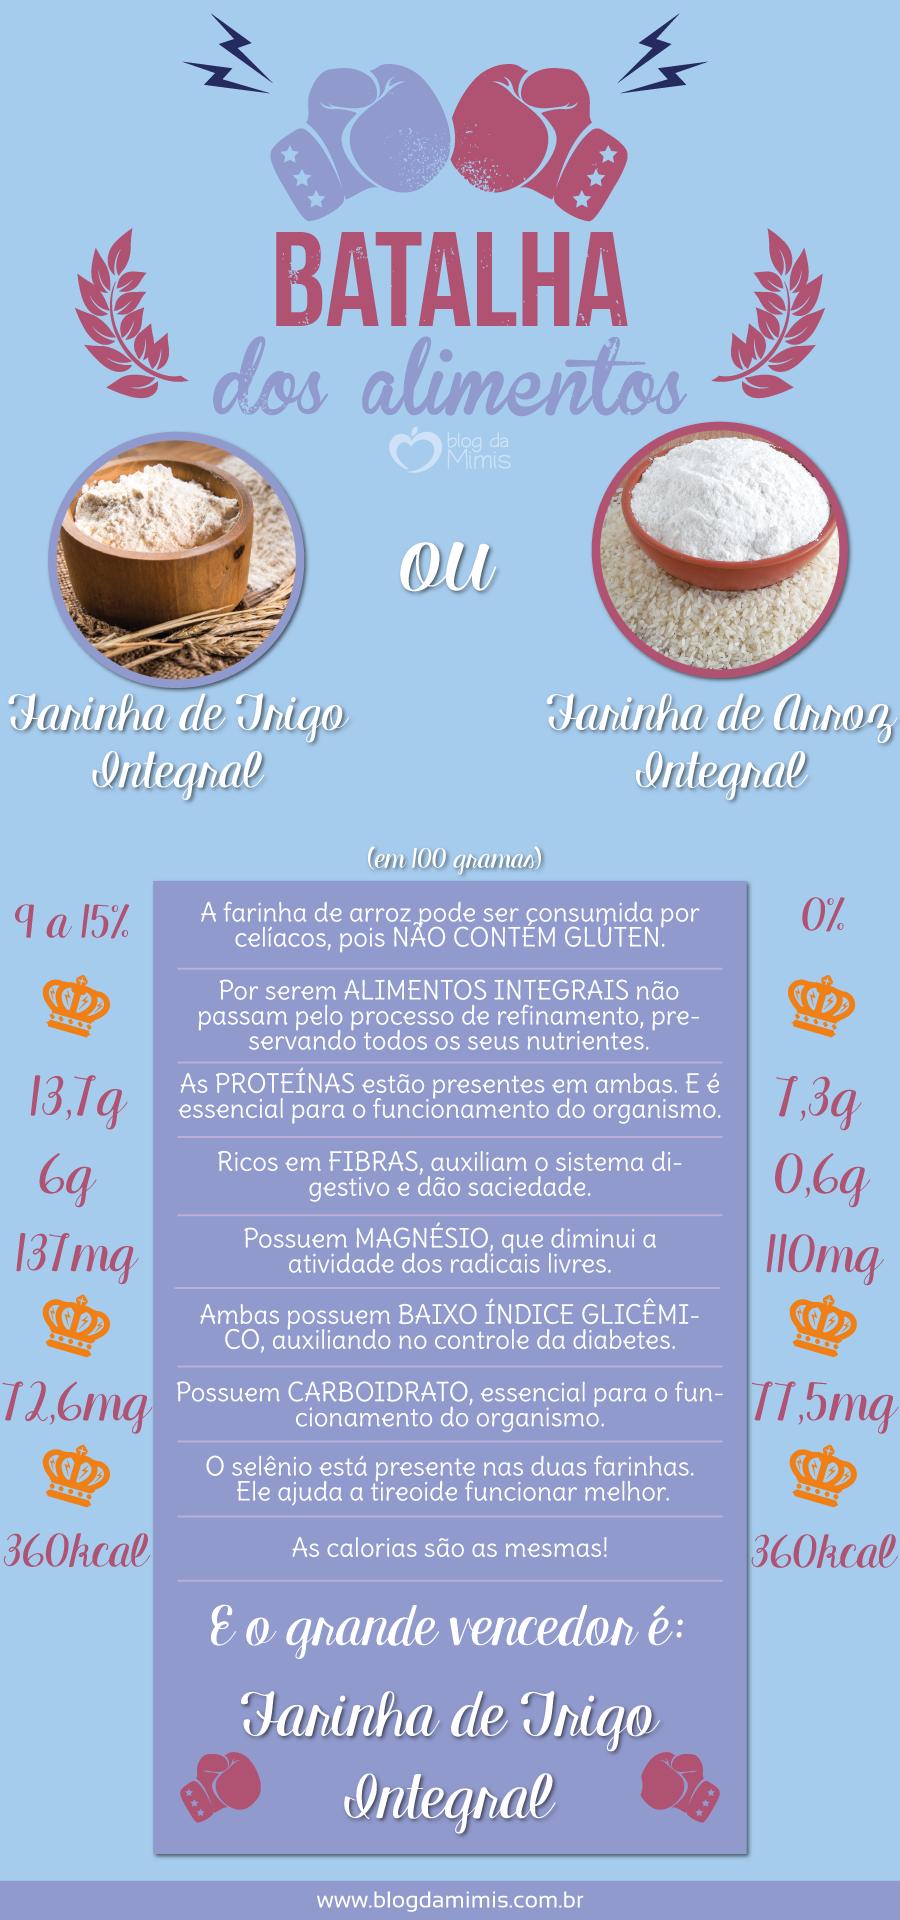 batalha-farinha-integral-e-de-arroz-blog-da-mimis-michelle-franzoni-post